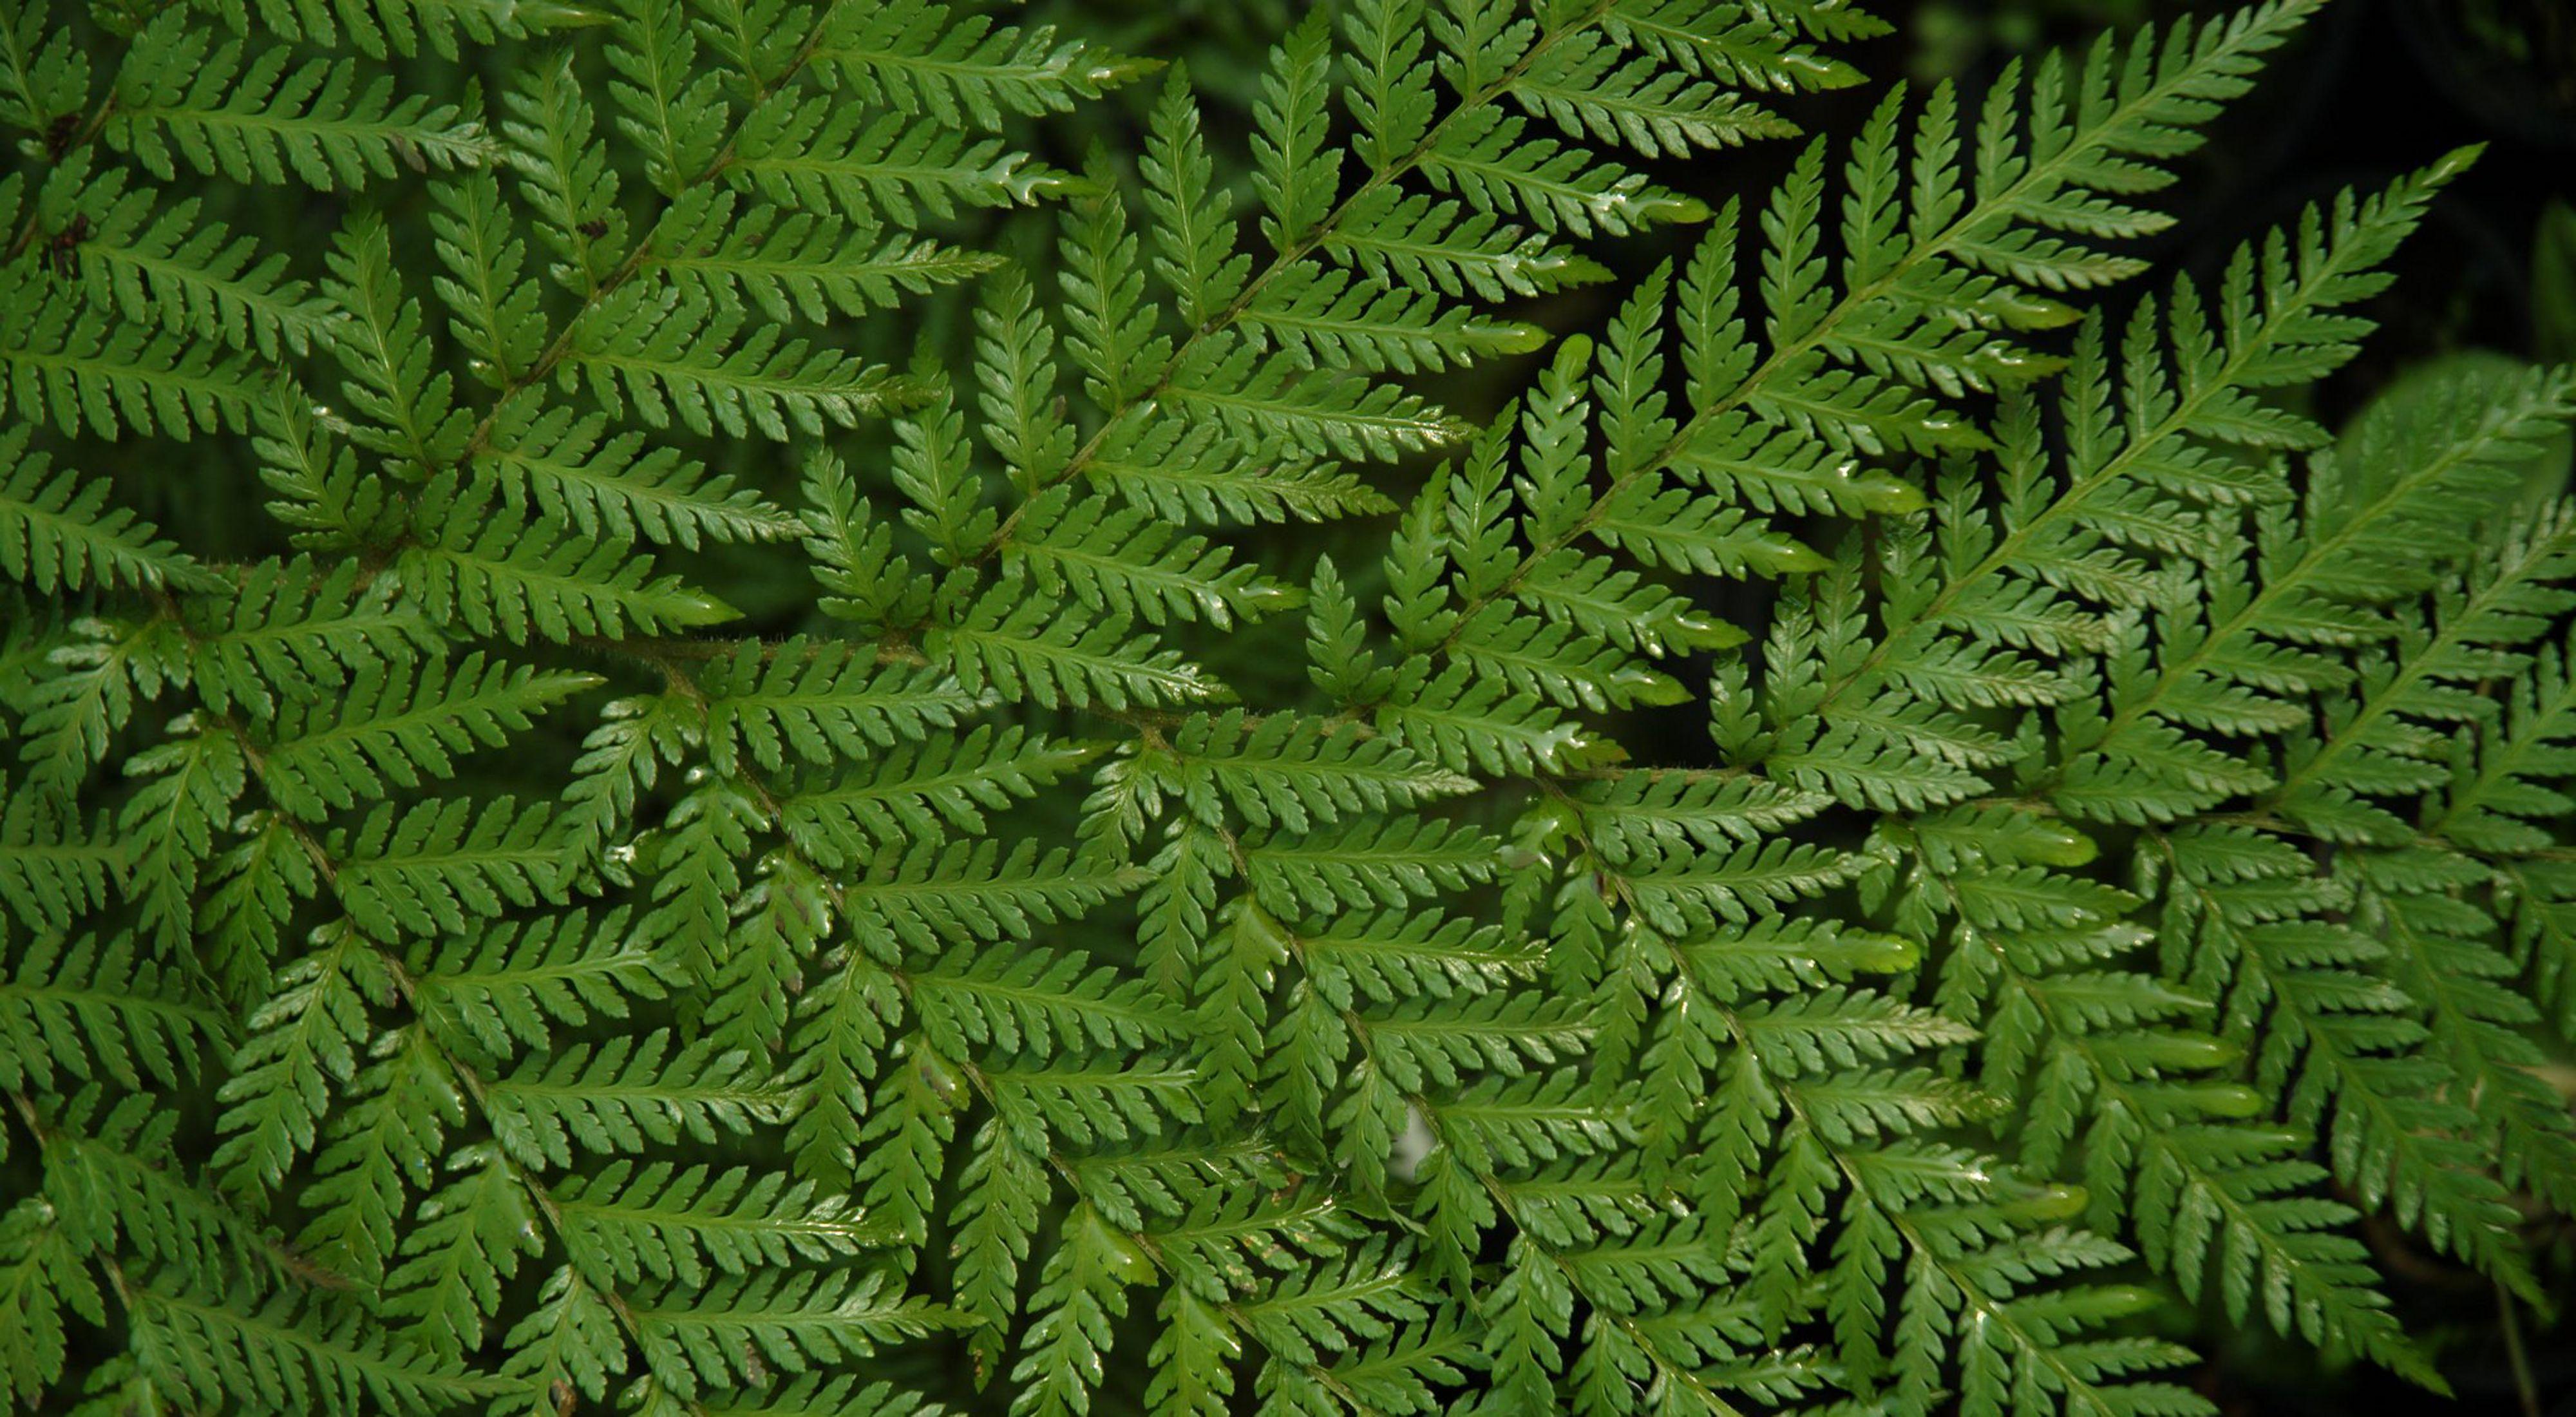 Para su desarrollo exige considerable humedad, dentro del bosque sombrío y se encuentra asociada a otras plantas higrófilas.